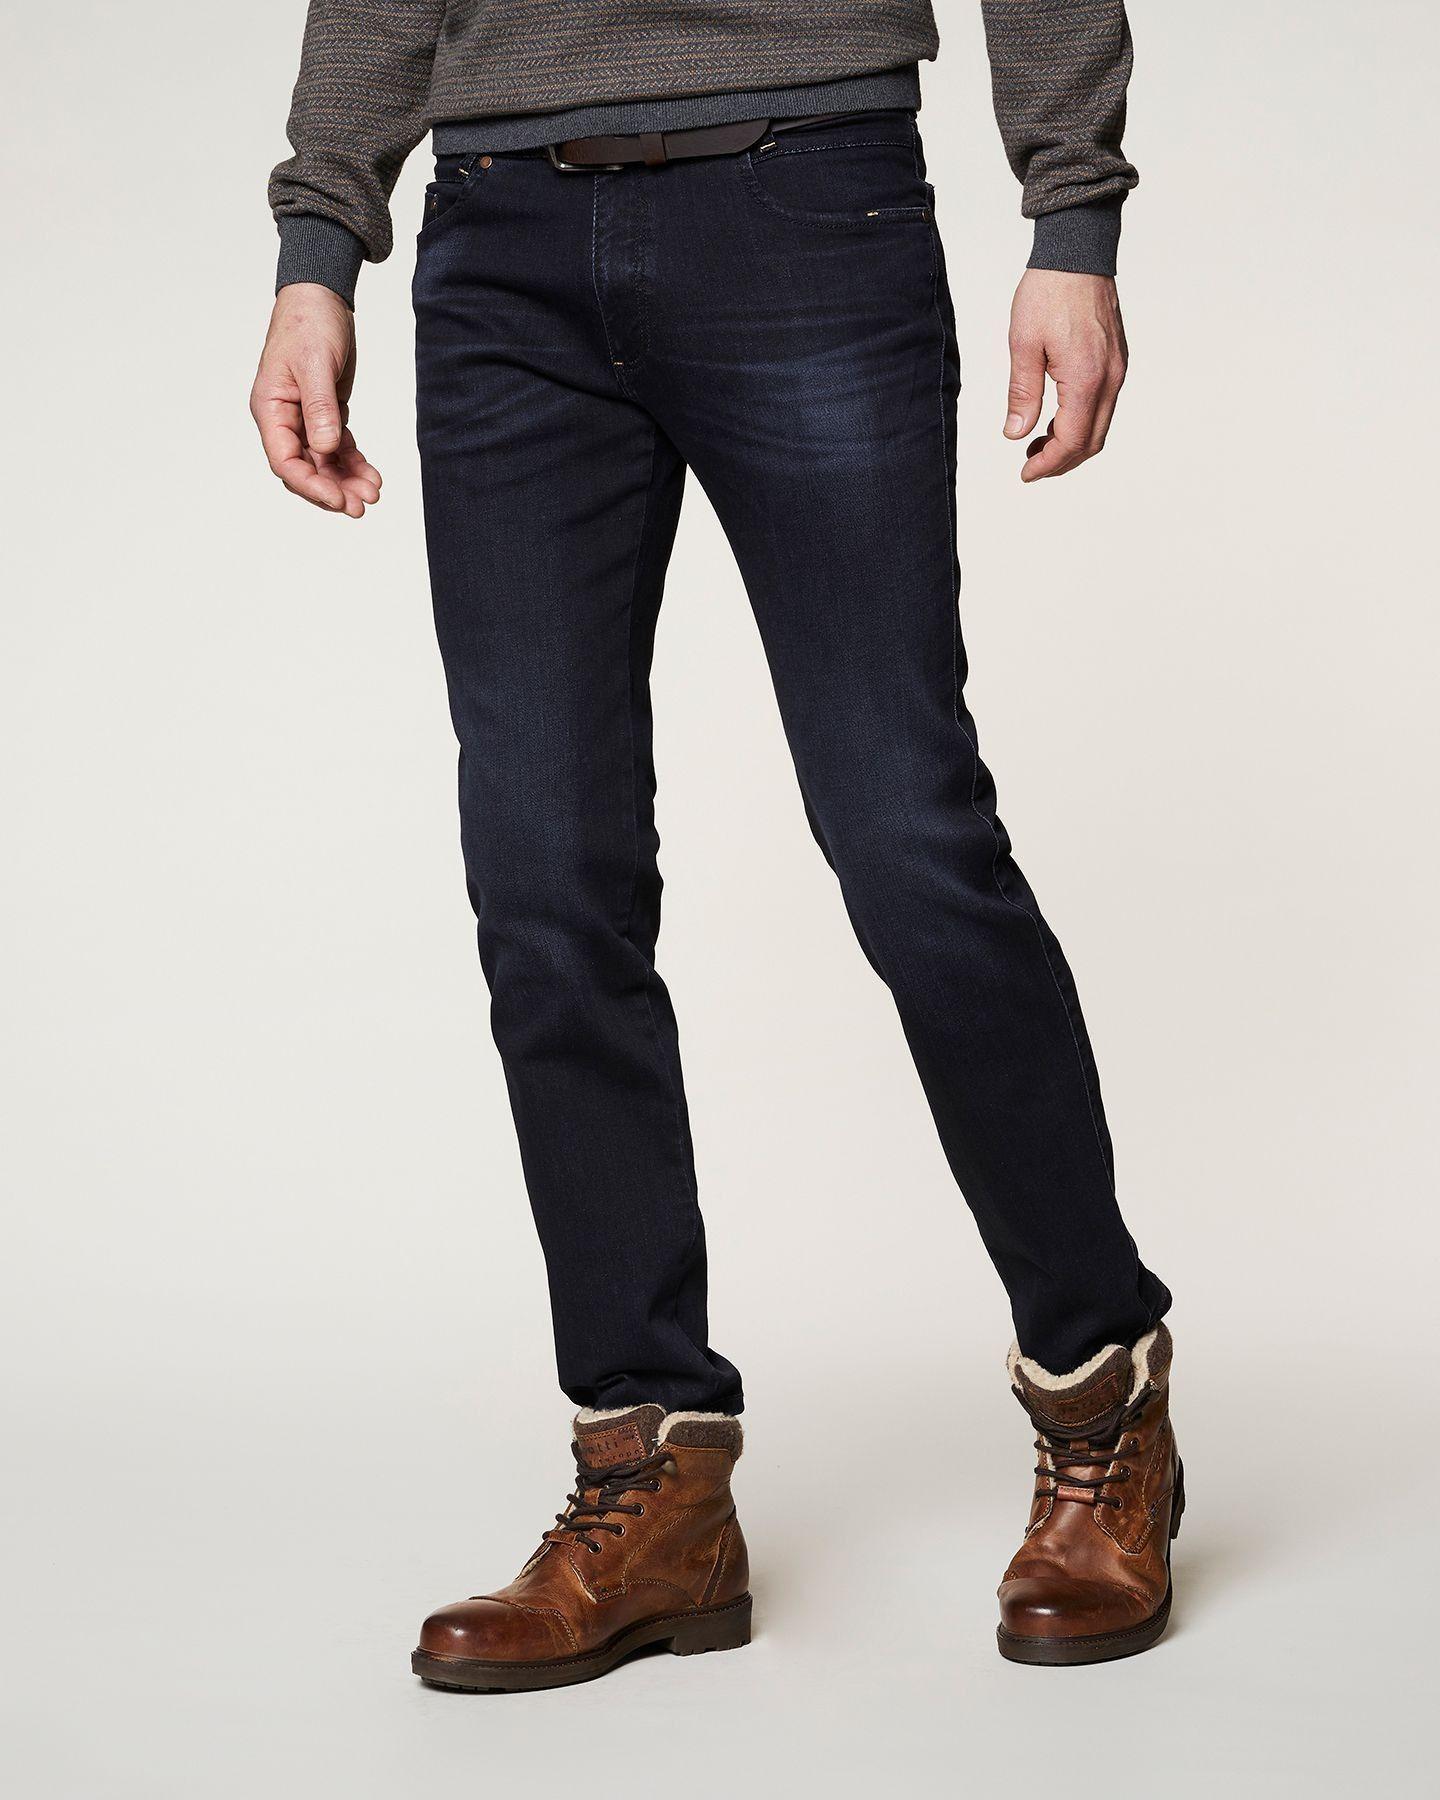 Bugatti - Herren Jeans in verschiedenen Farben - Modern Fit (Art. Nr.:3269D-16670) – Bild 9